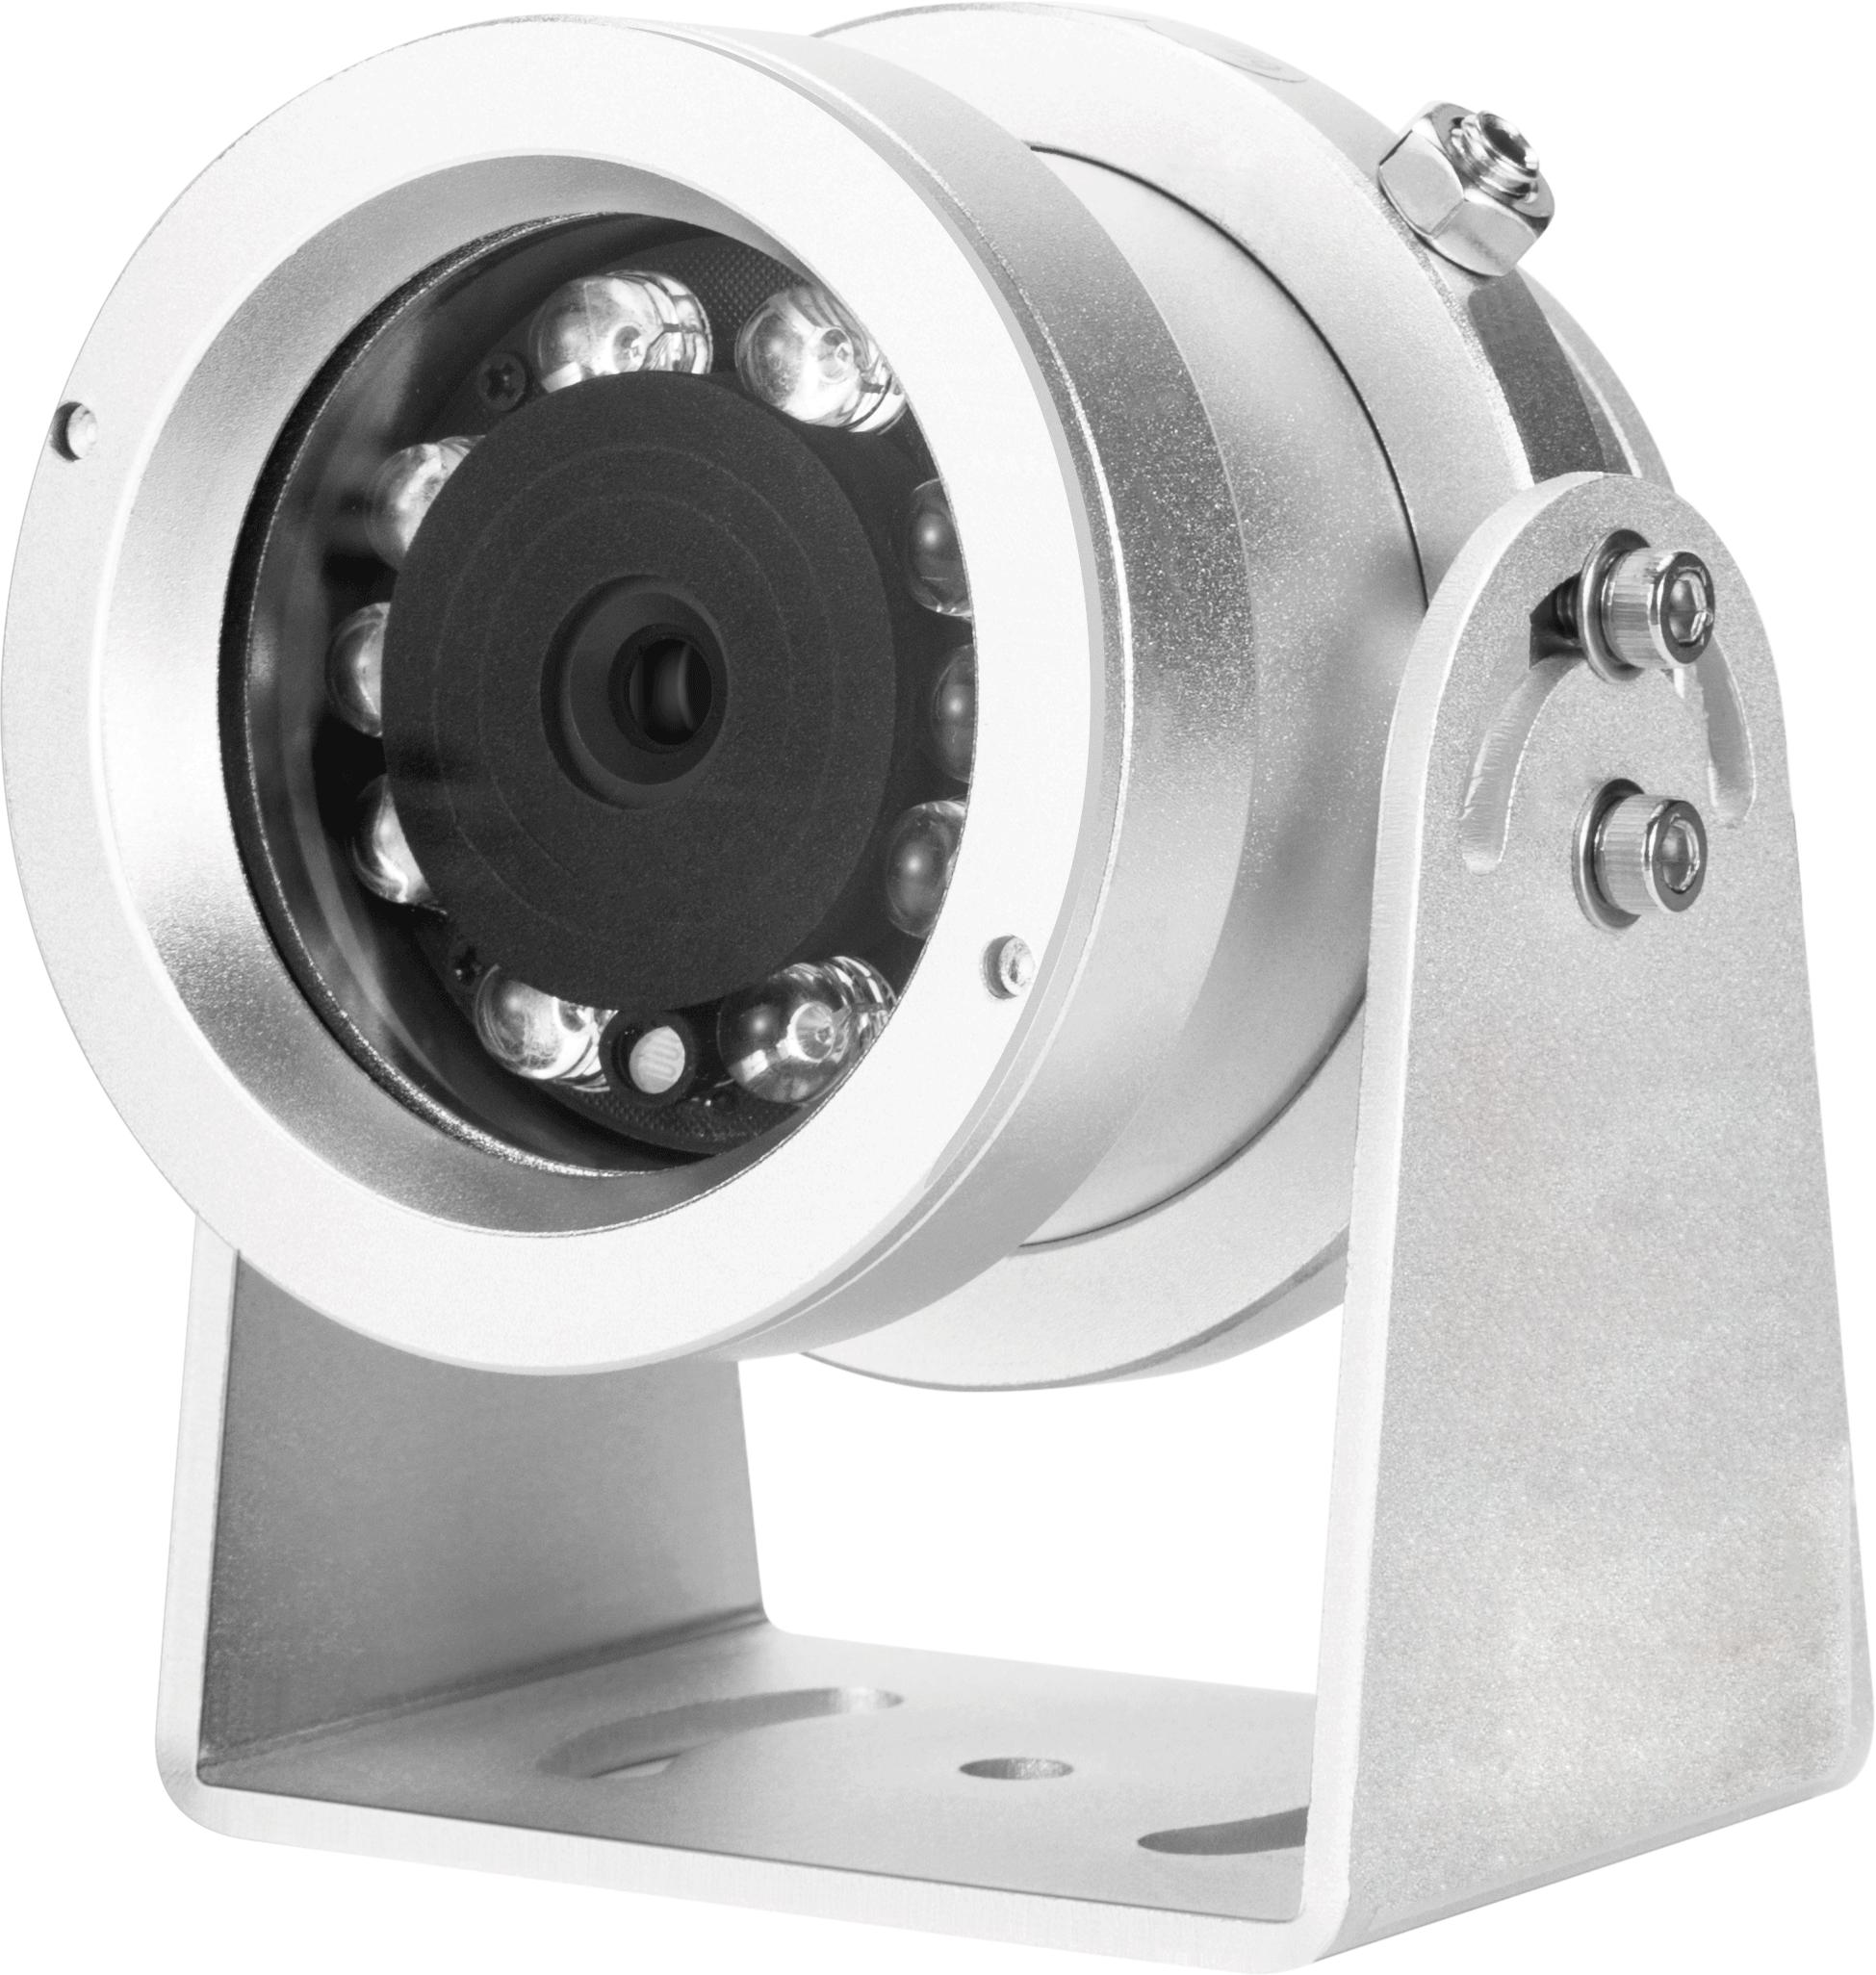 กล้องแสตนเลส กันน้ำ เเละเเรงระเบิด รุ่น MC-700WR